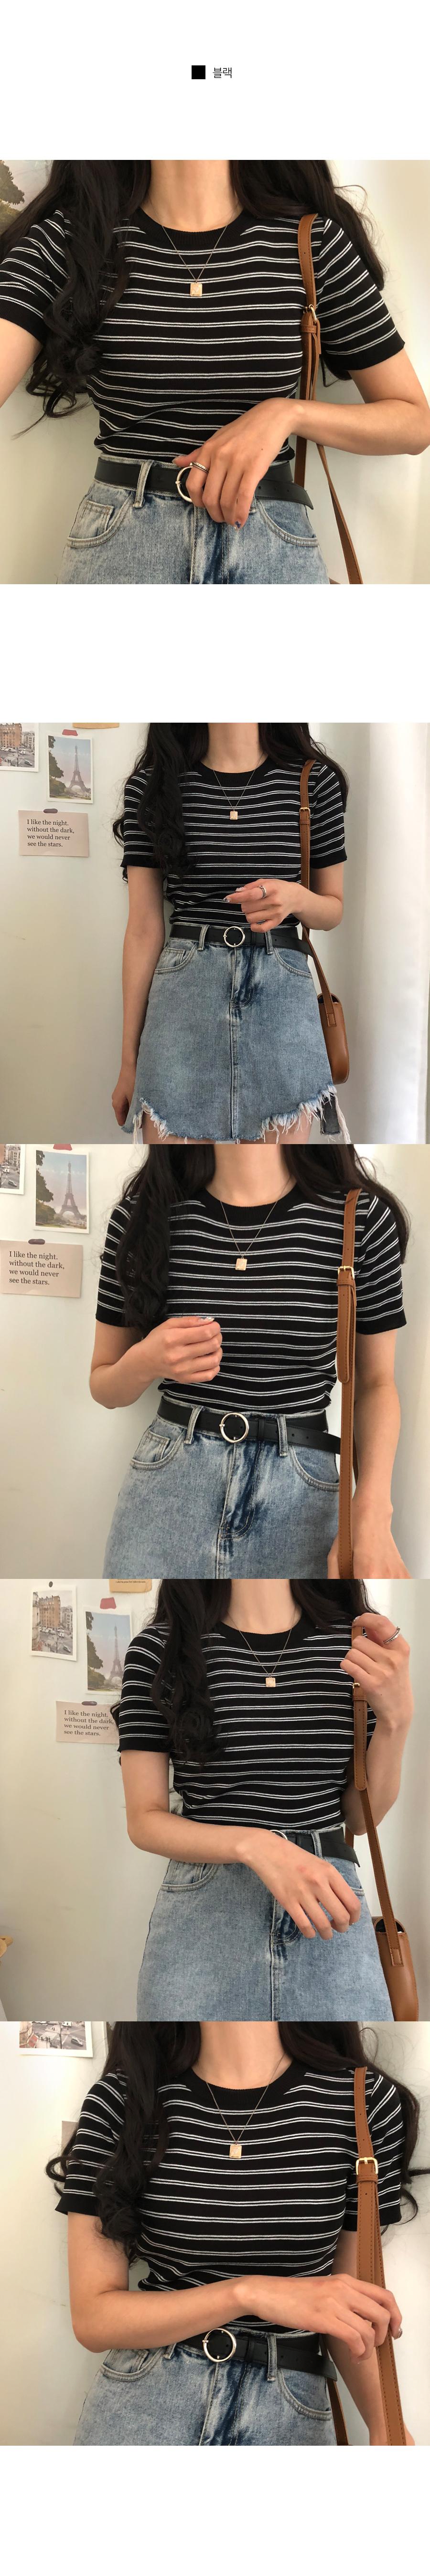 Almond Striped Short Sleeve Knitwear